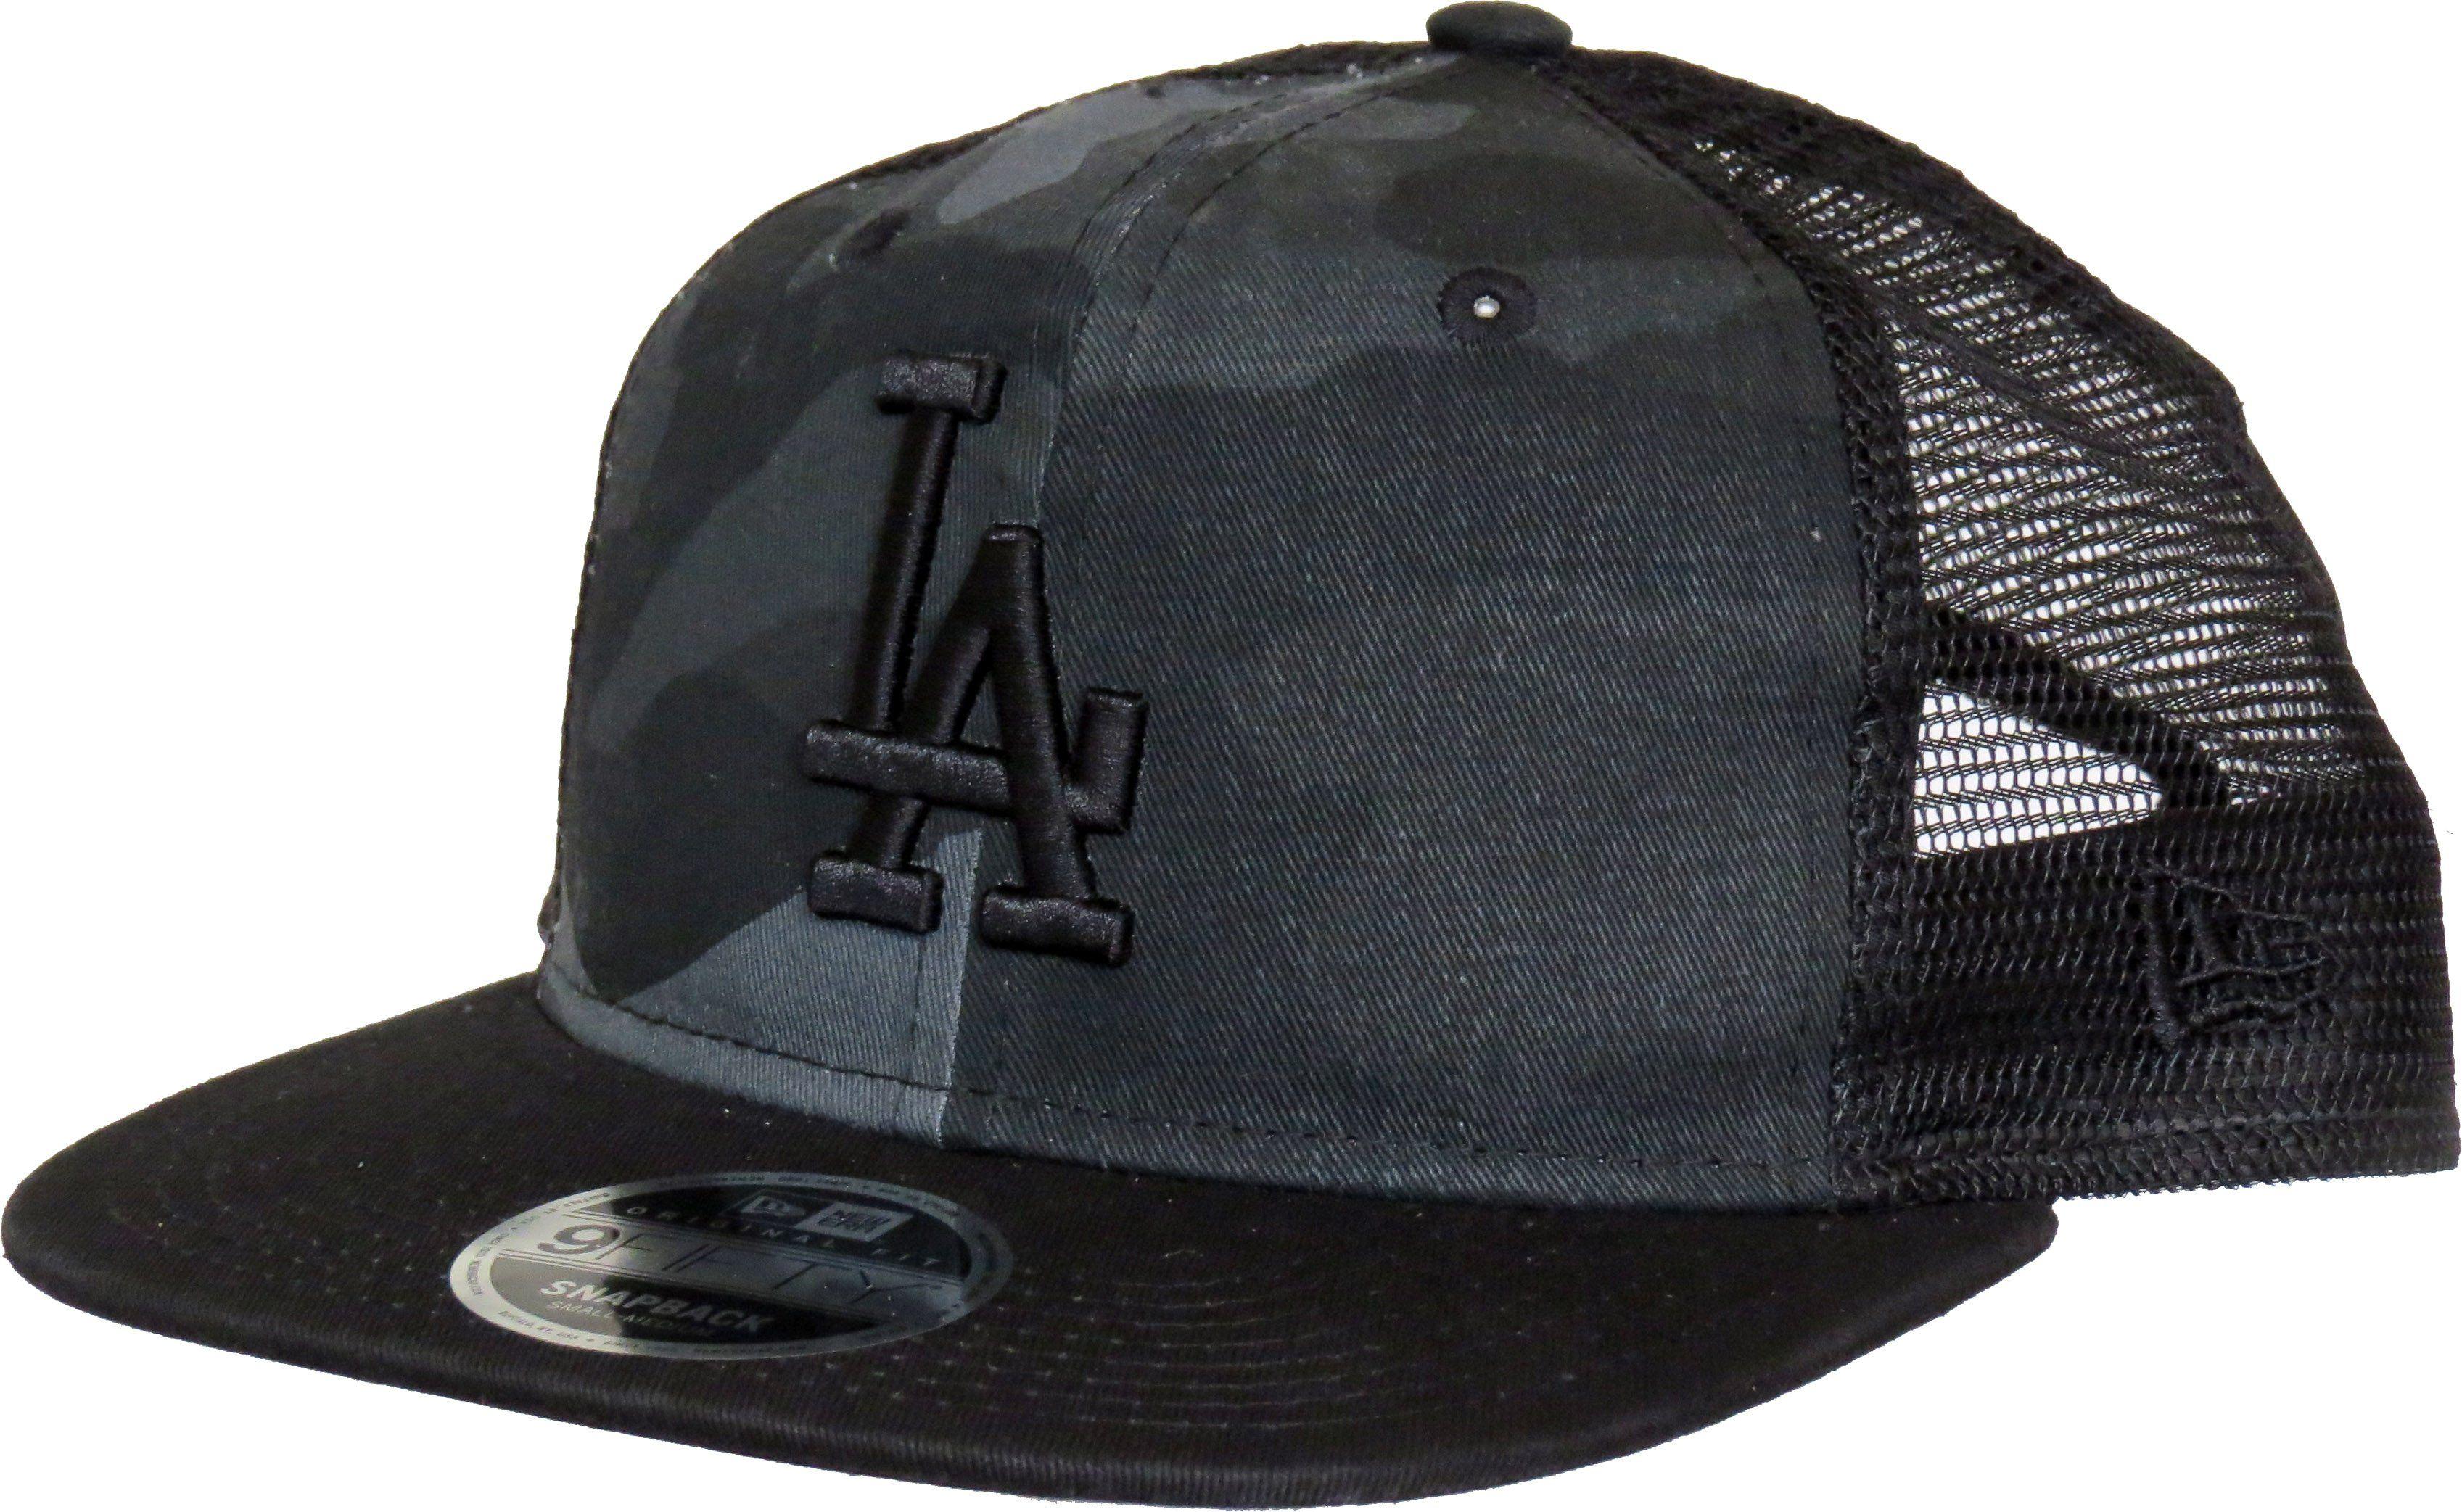 La Dodgers New Era 950 Washed Camo Snapback Cap Gift Box Lovemycap La Dodgers Snapback Cap Black Visor